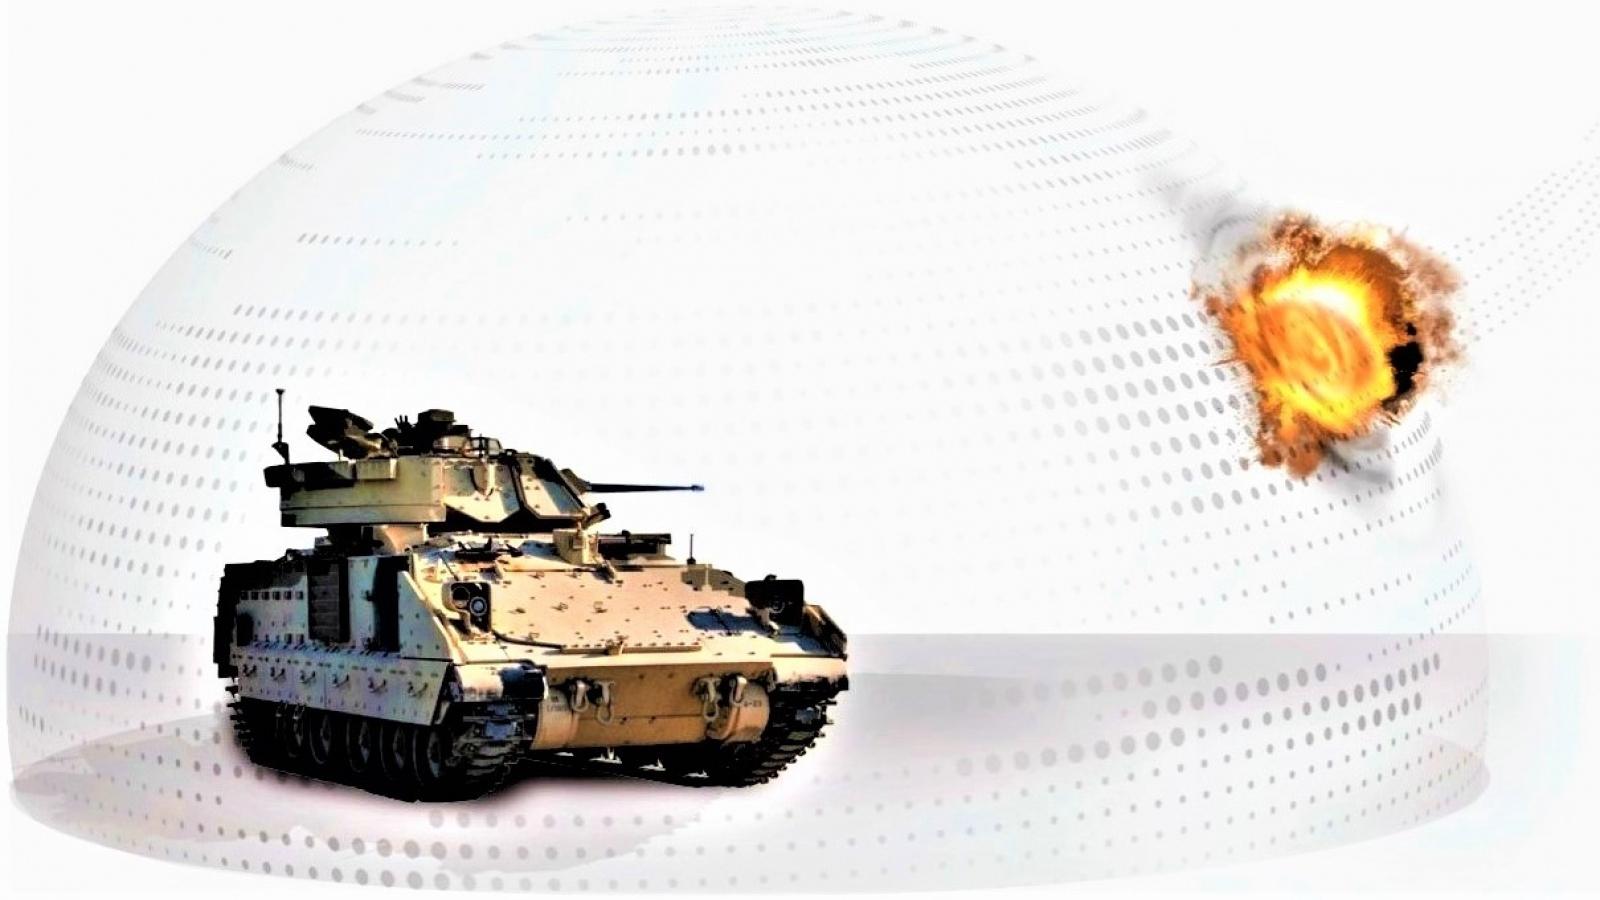 Vai trò của hệ thống phòng thủ chủ động dạng mô-đun trong các phương tiện chiến đấu